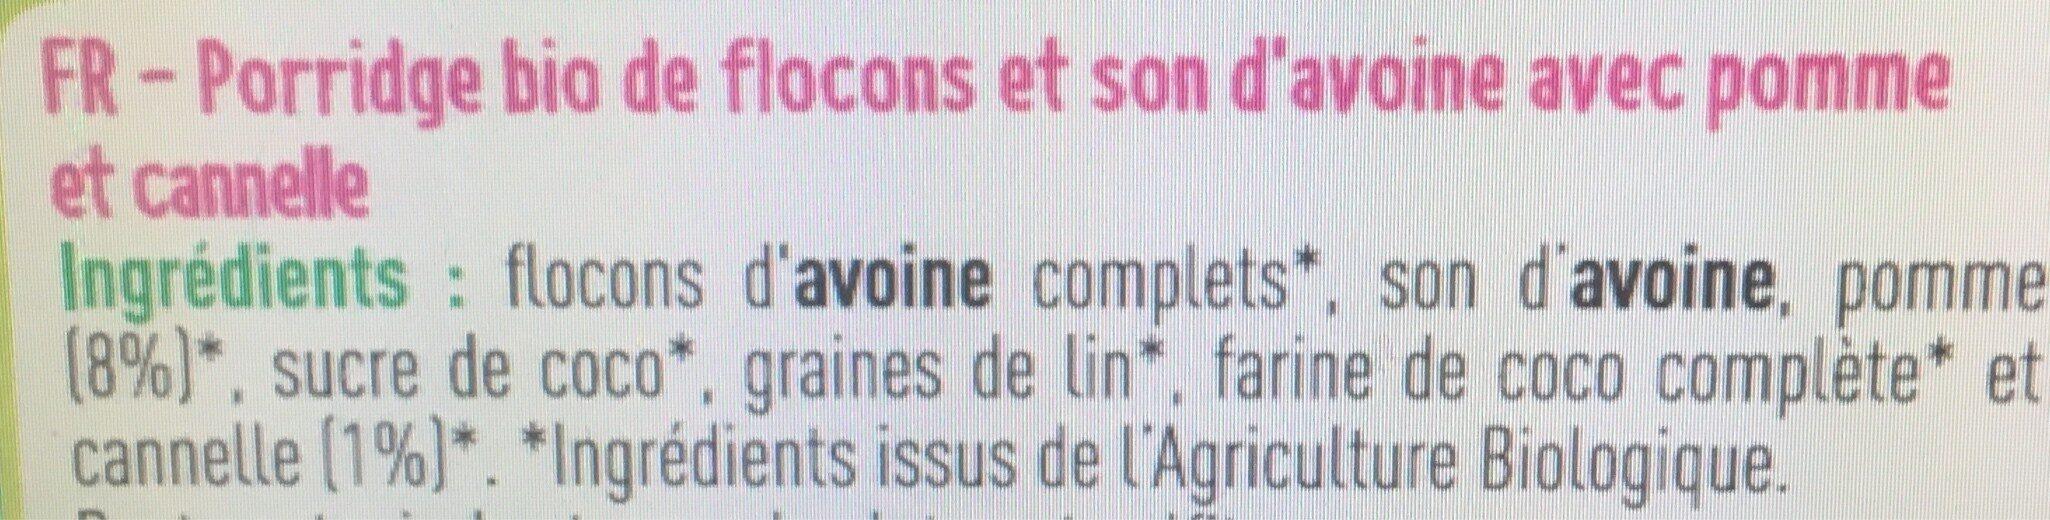 Porridge pomme cannelle bio - Ingrédients - fr